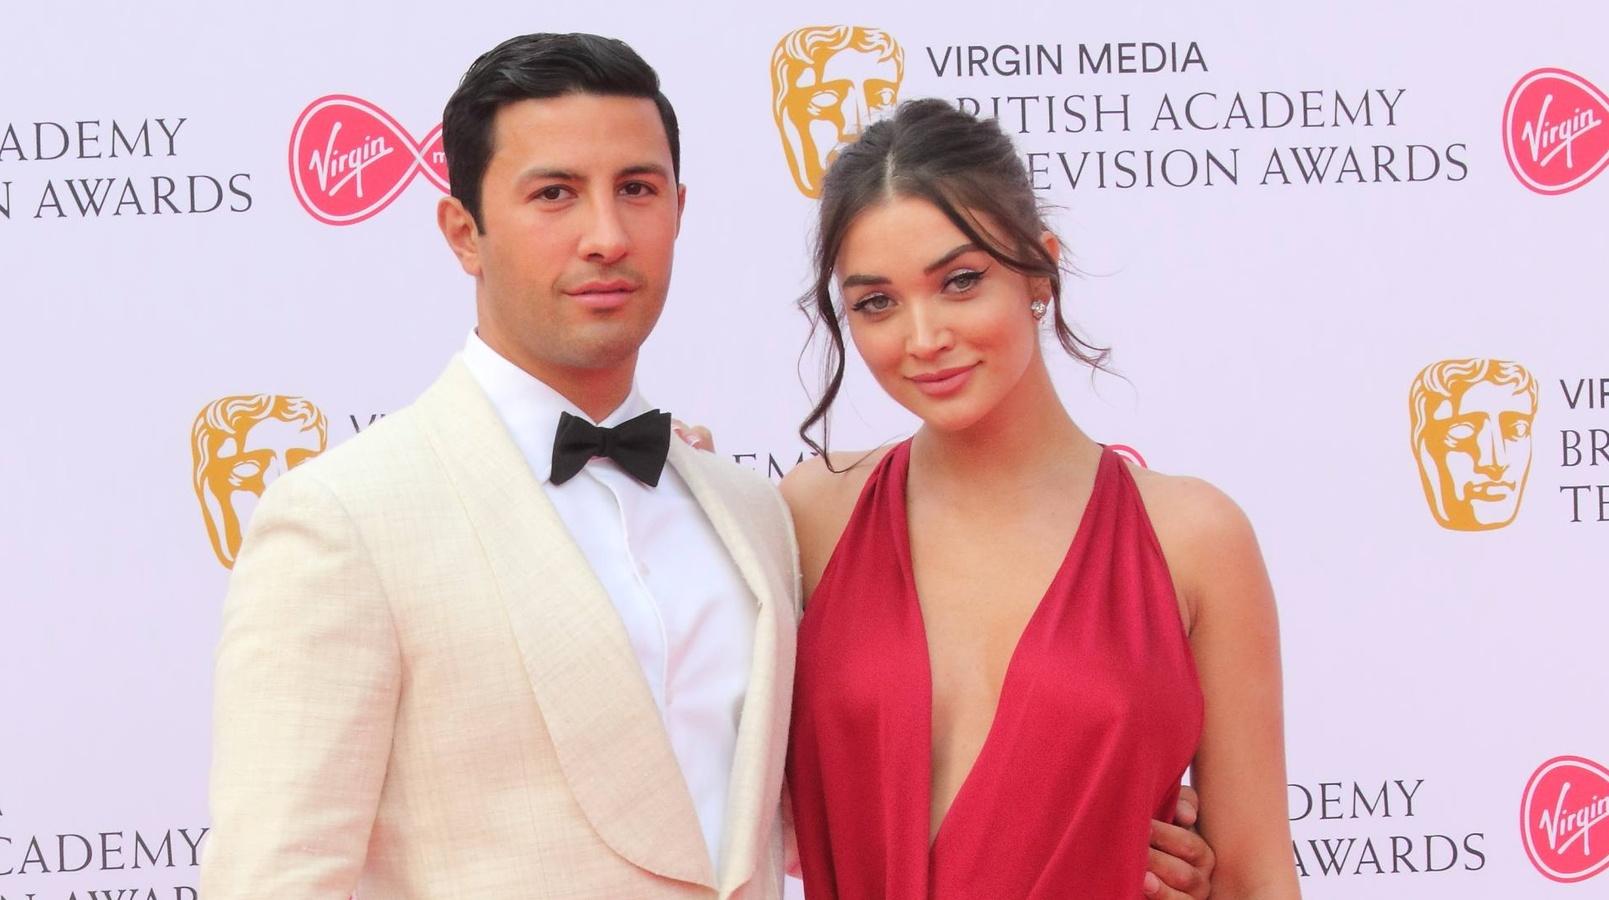 Amy Jackson and George Panayiotou